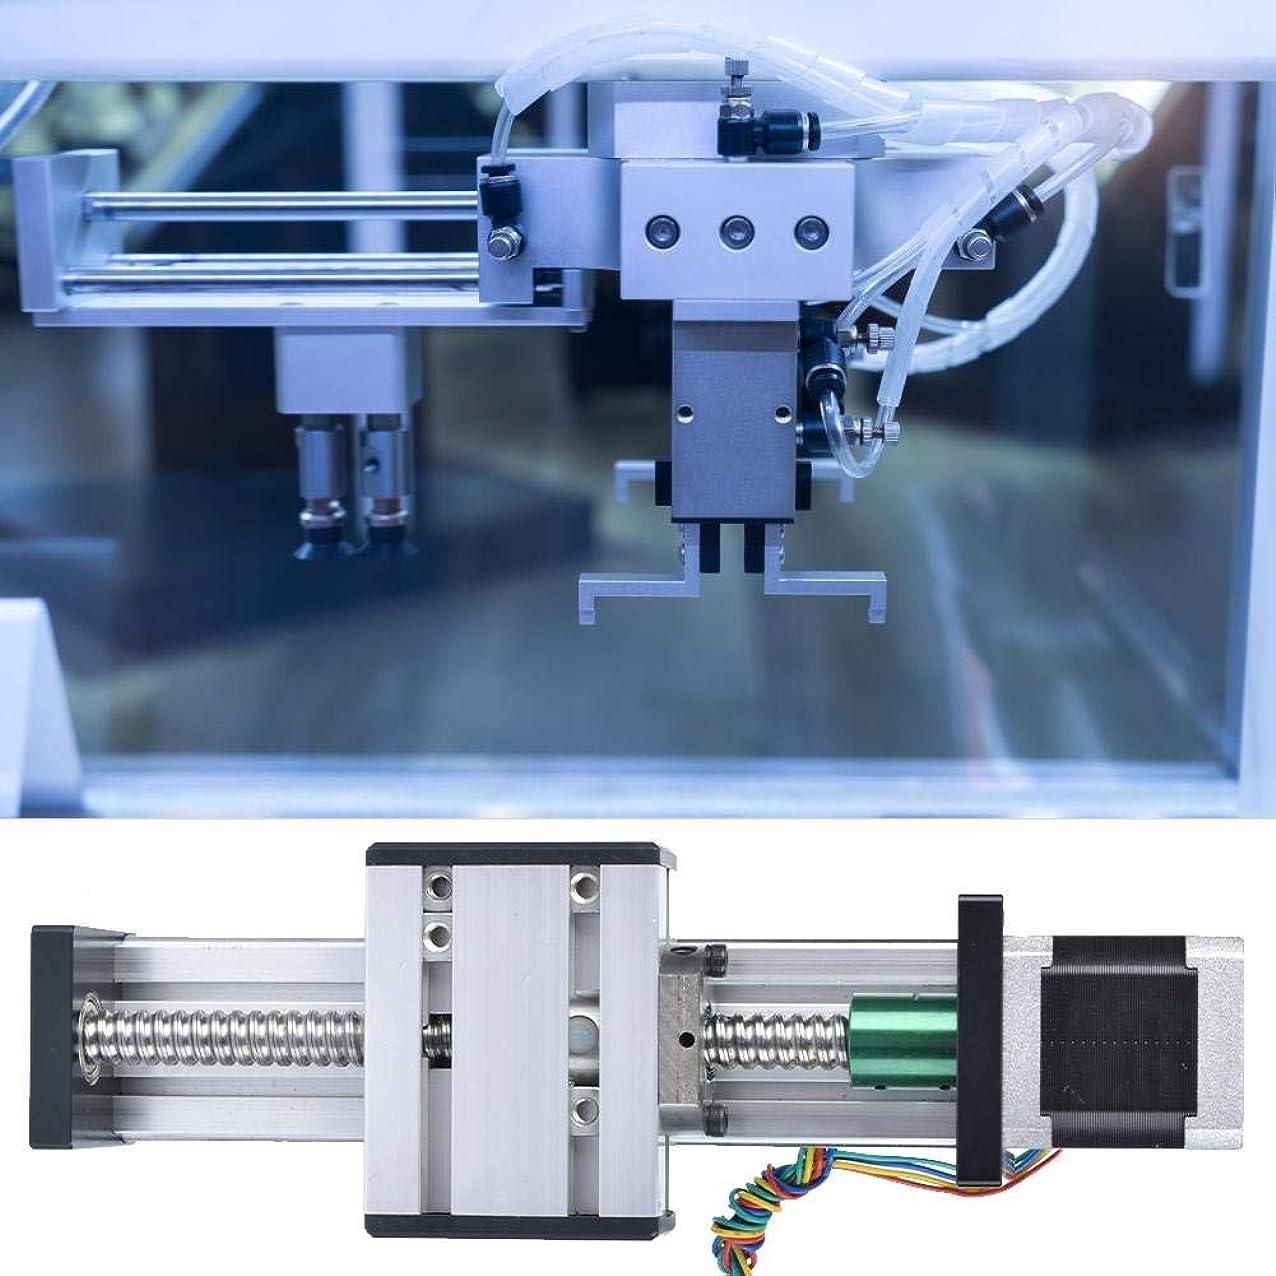 引き潮早熟可動式SSY-YU リニアガイドレール500ミリメートルストローク、シングルシャフトボールねじCNCオートメーション産業用モーター42(1610)で表をスライディング モーターブラケット リニアアクチュエータ CNC部品